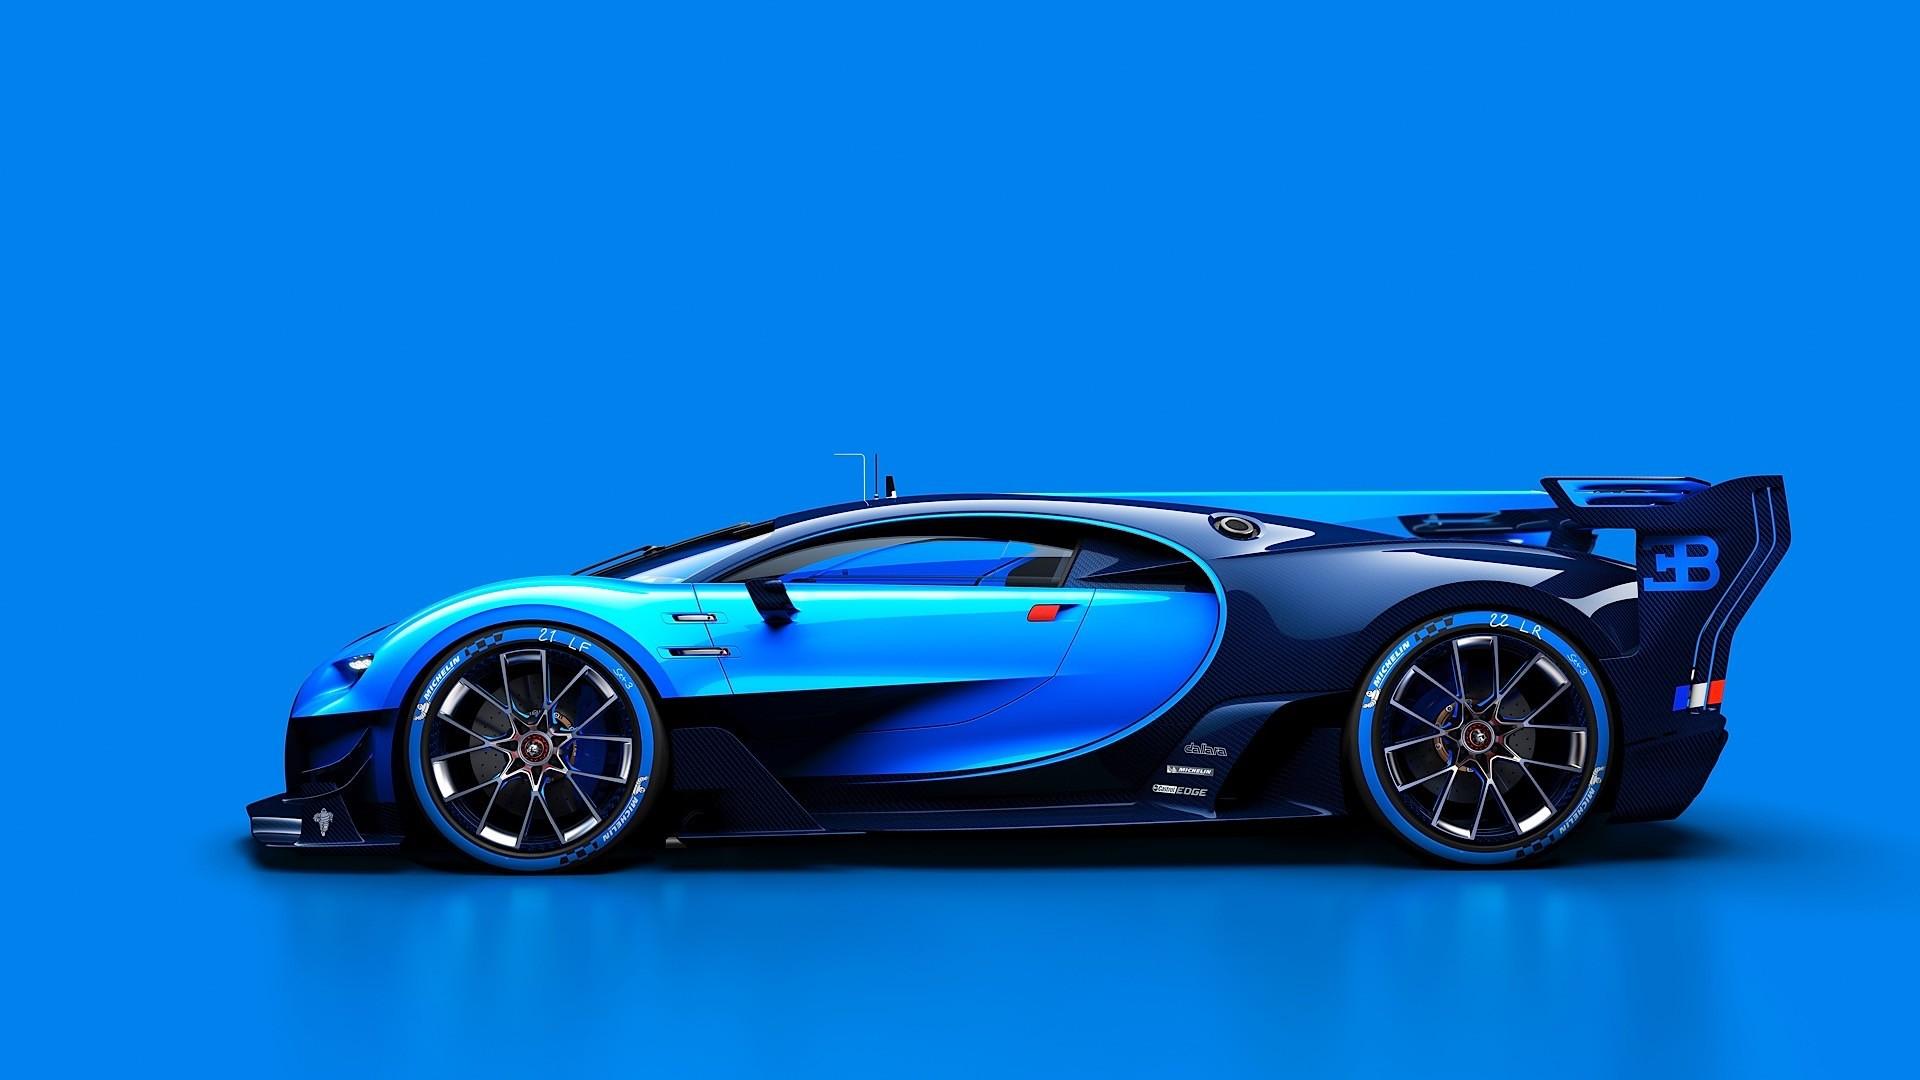 Bugatti Vision Gran Turismo Marks Online Debut Comes To Celebrate Bugatti S Lemans Career